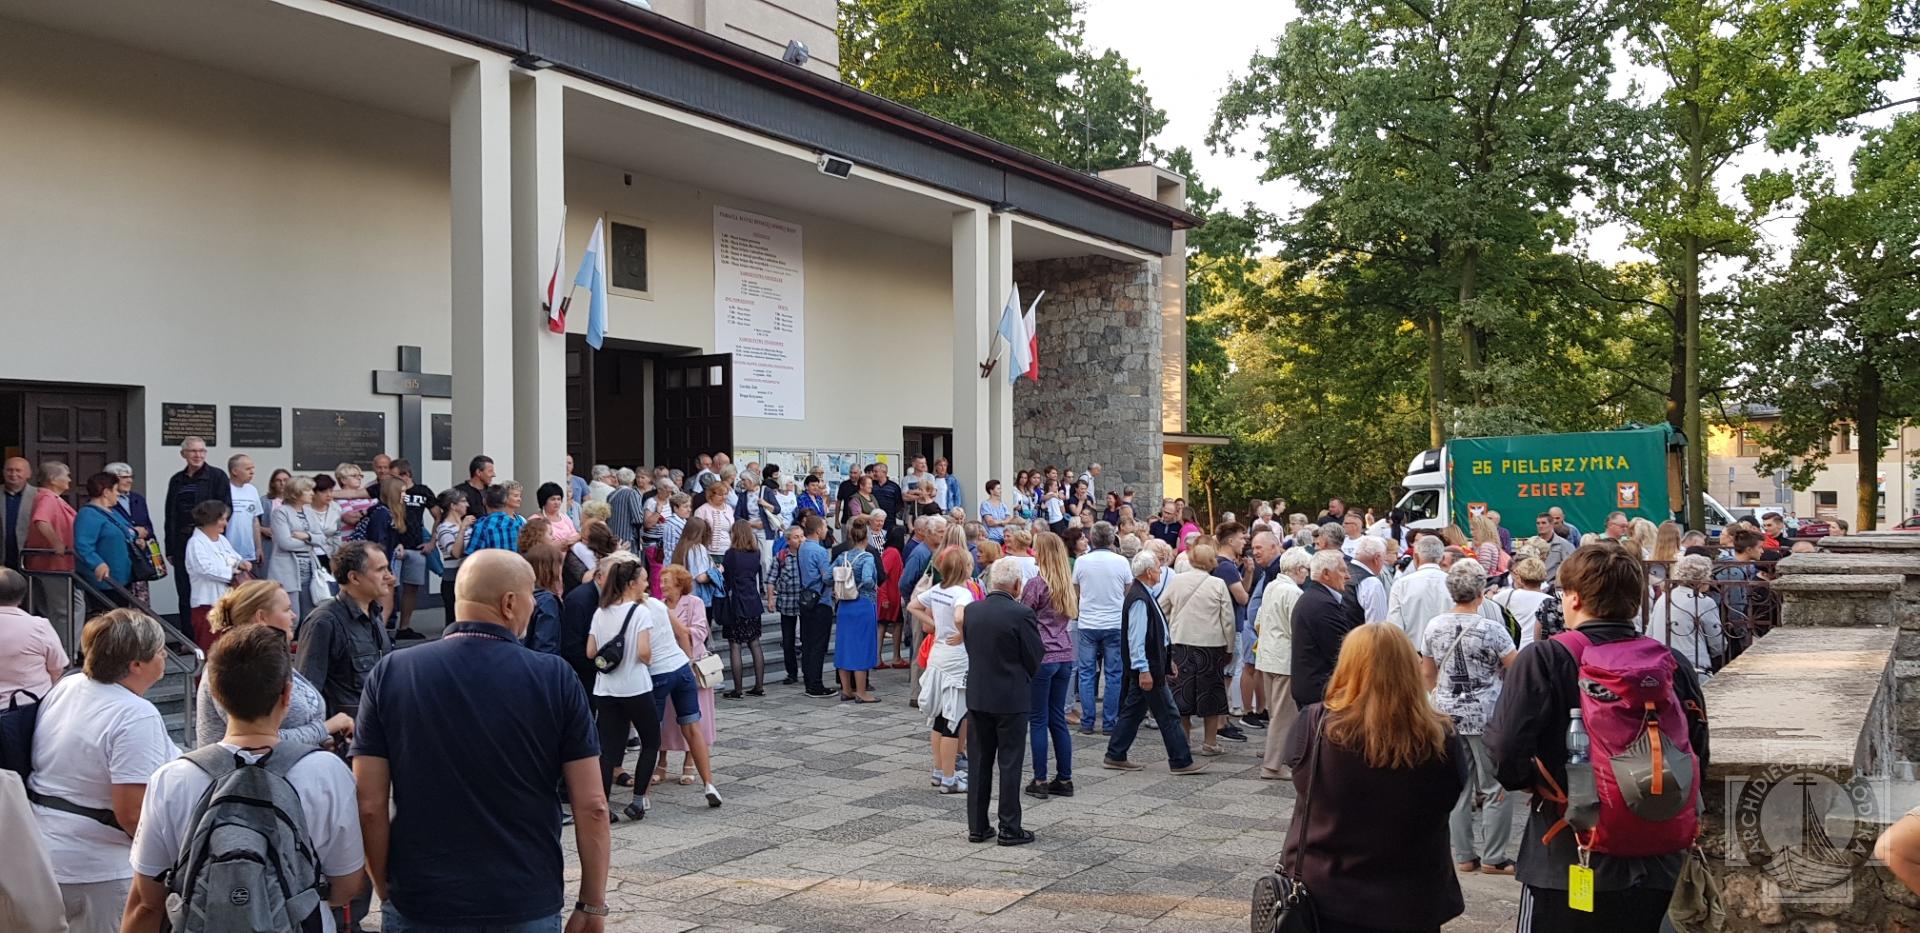 Zarys Dziejw Luteranizmu na Ziemi Zgierskiej | Parafia